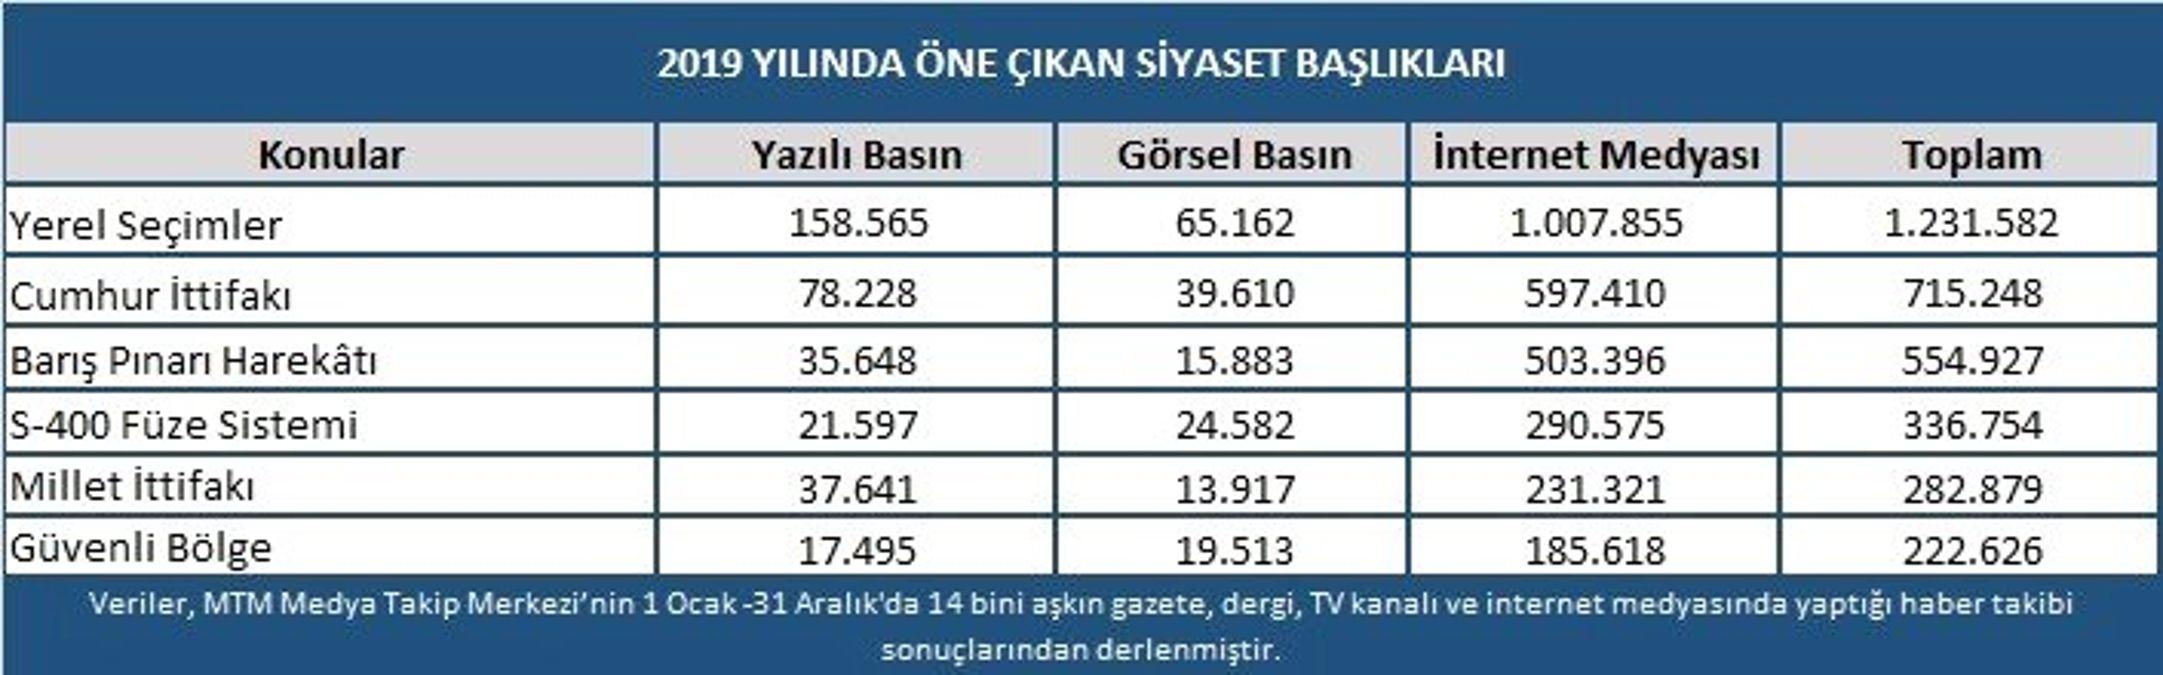 Türk siyasetinde 2019 yılı böyle geçti